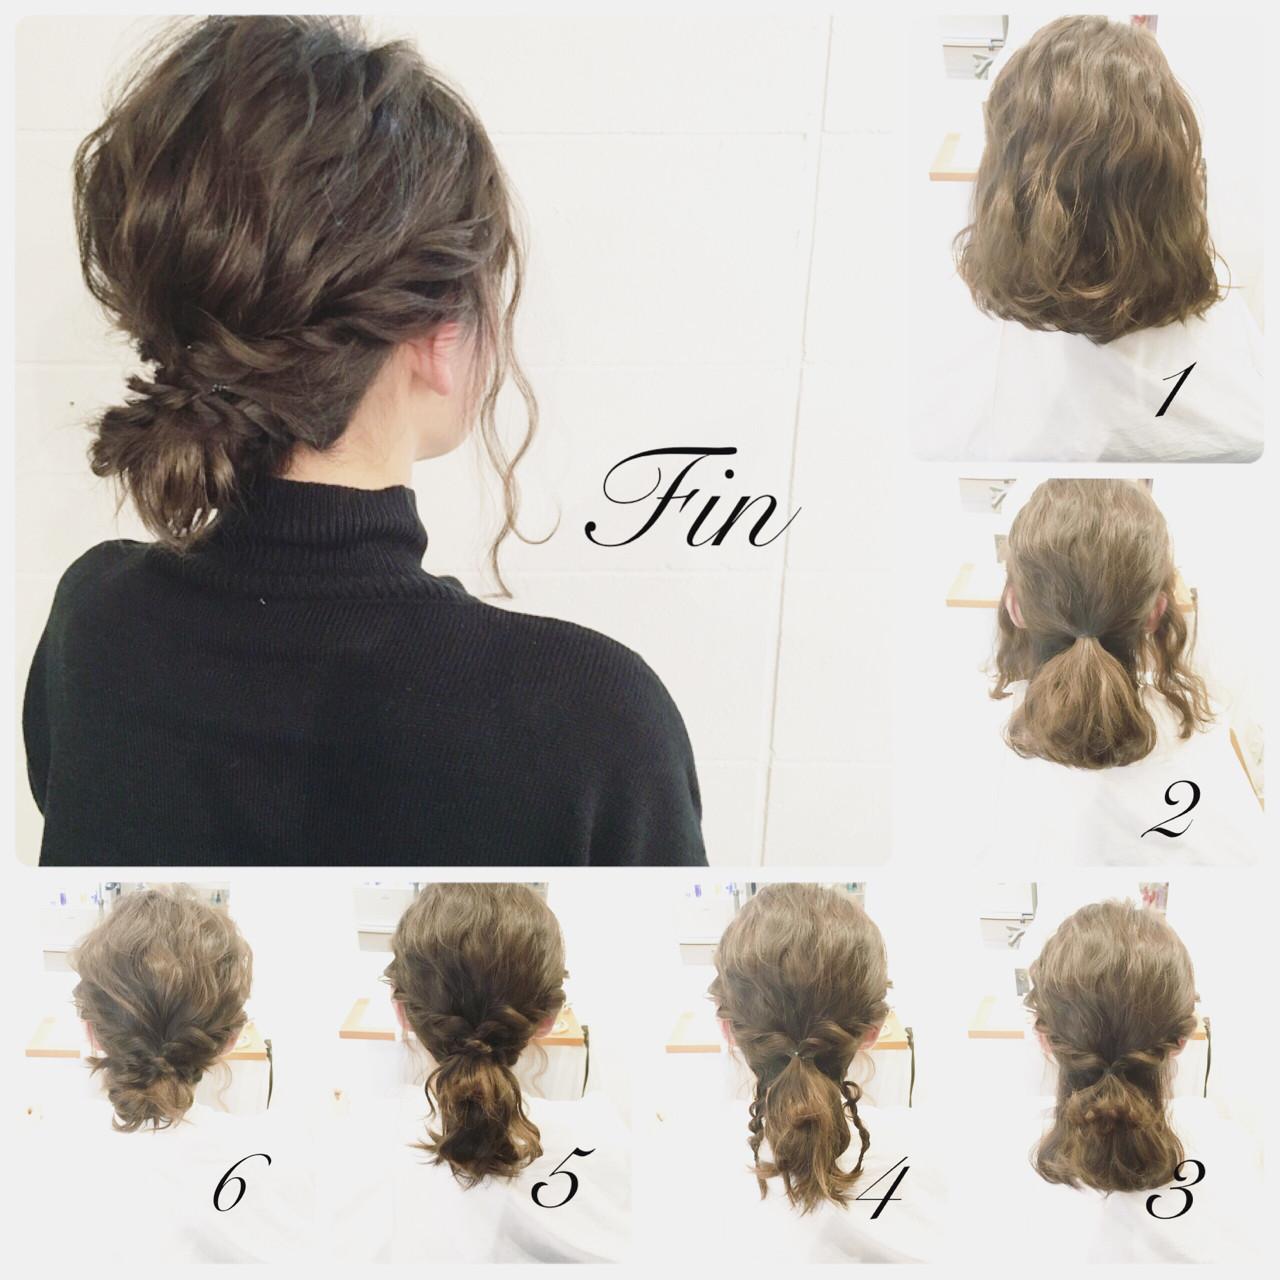 結婚式・二次会で使える簡単セルフヘアアレンジのやり方!自分でできる髪型集